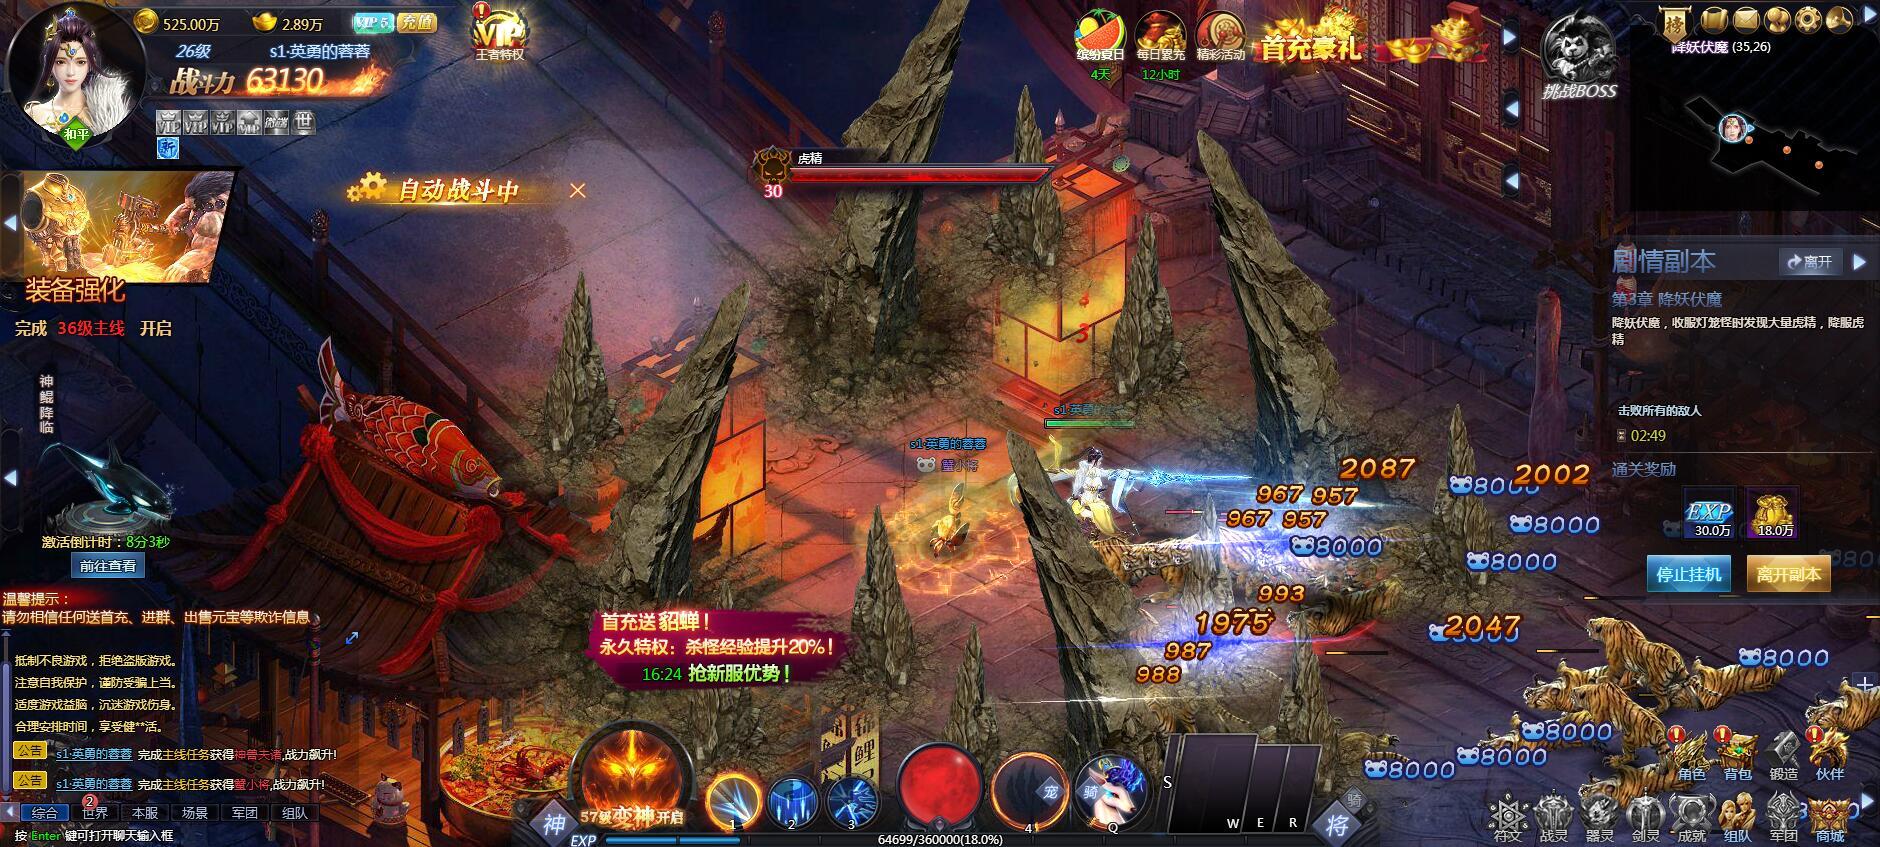 碧血神剑游戏截图2